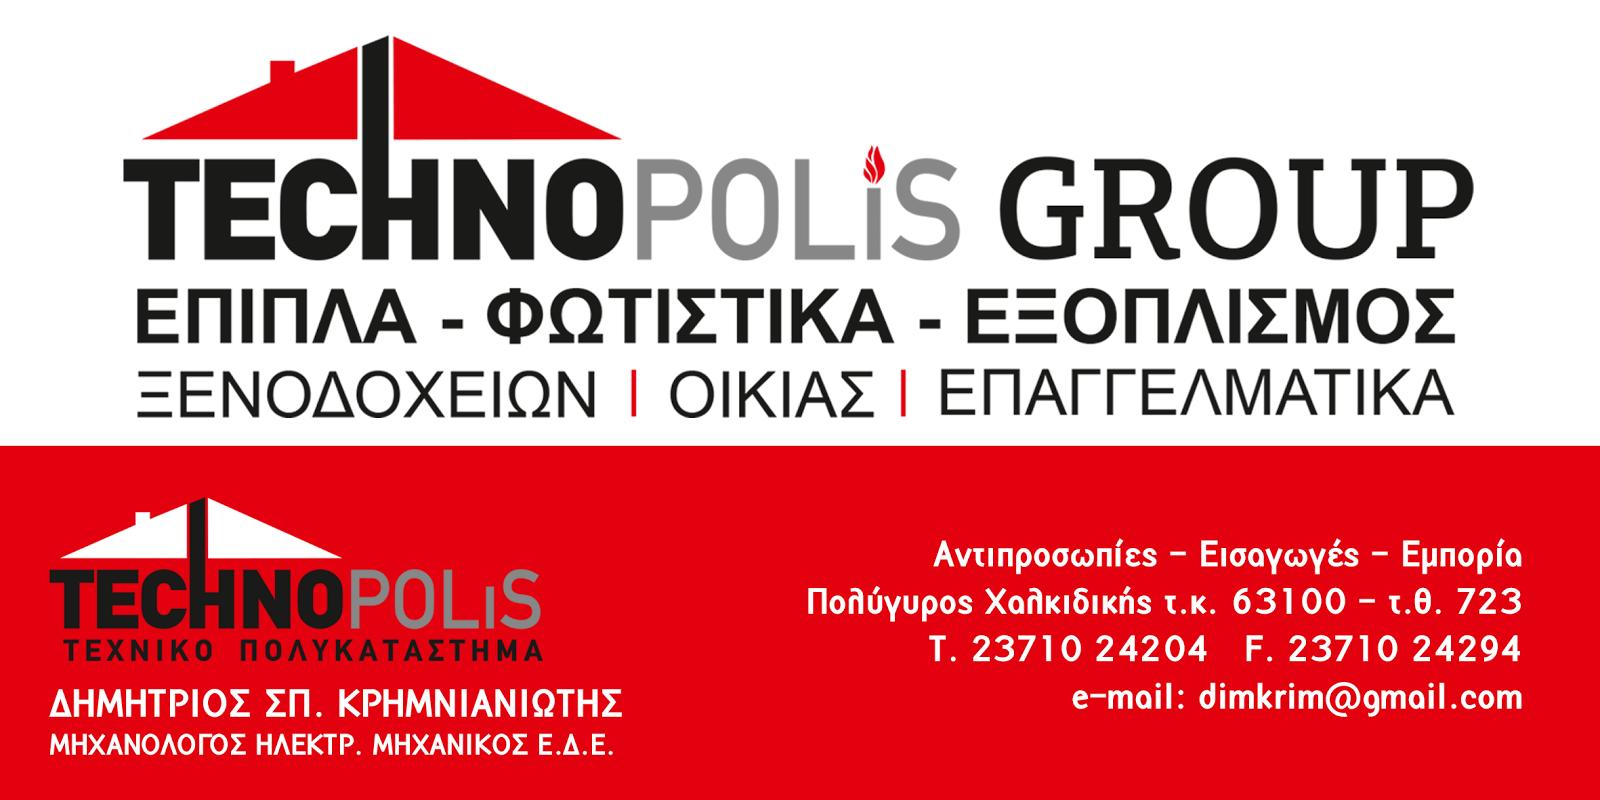 Τechnopolis